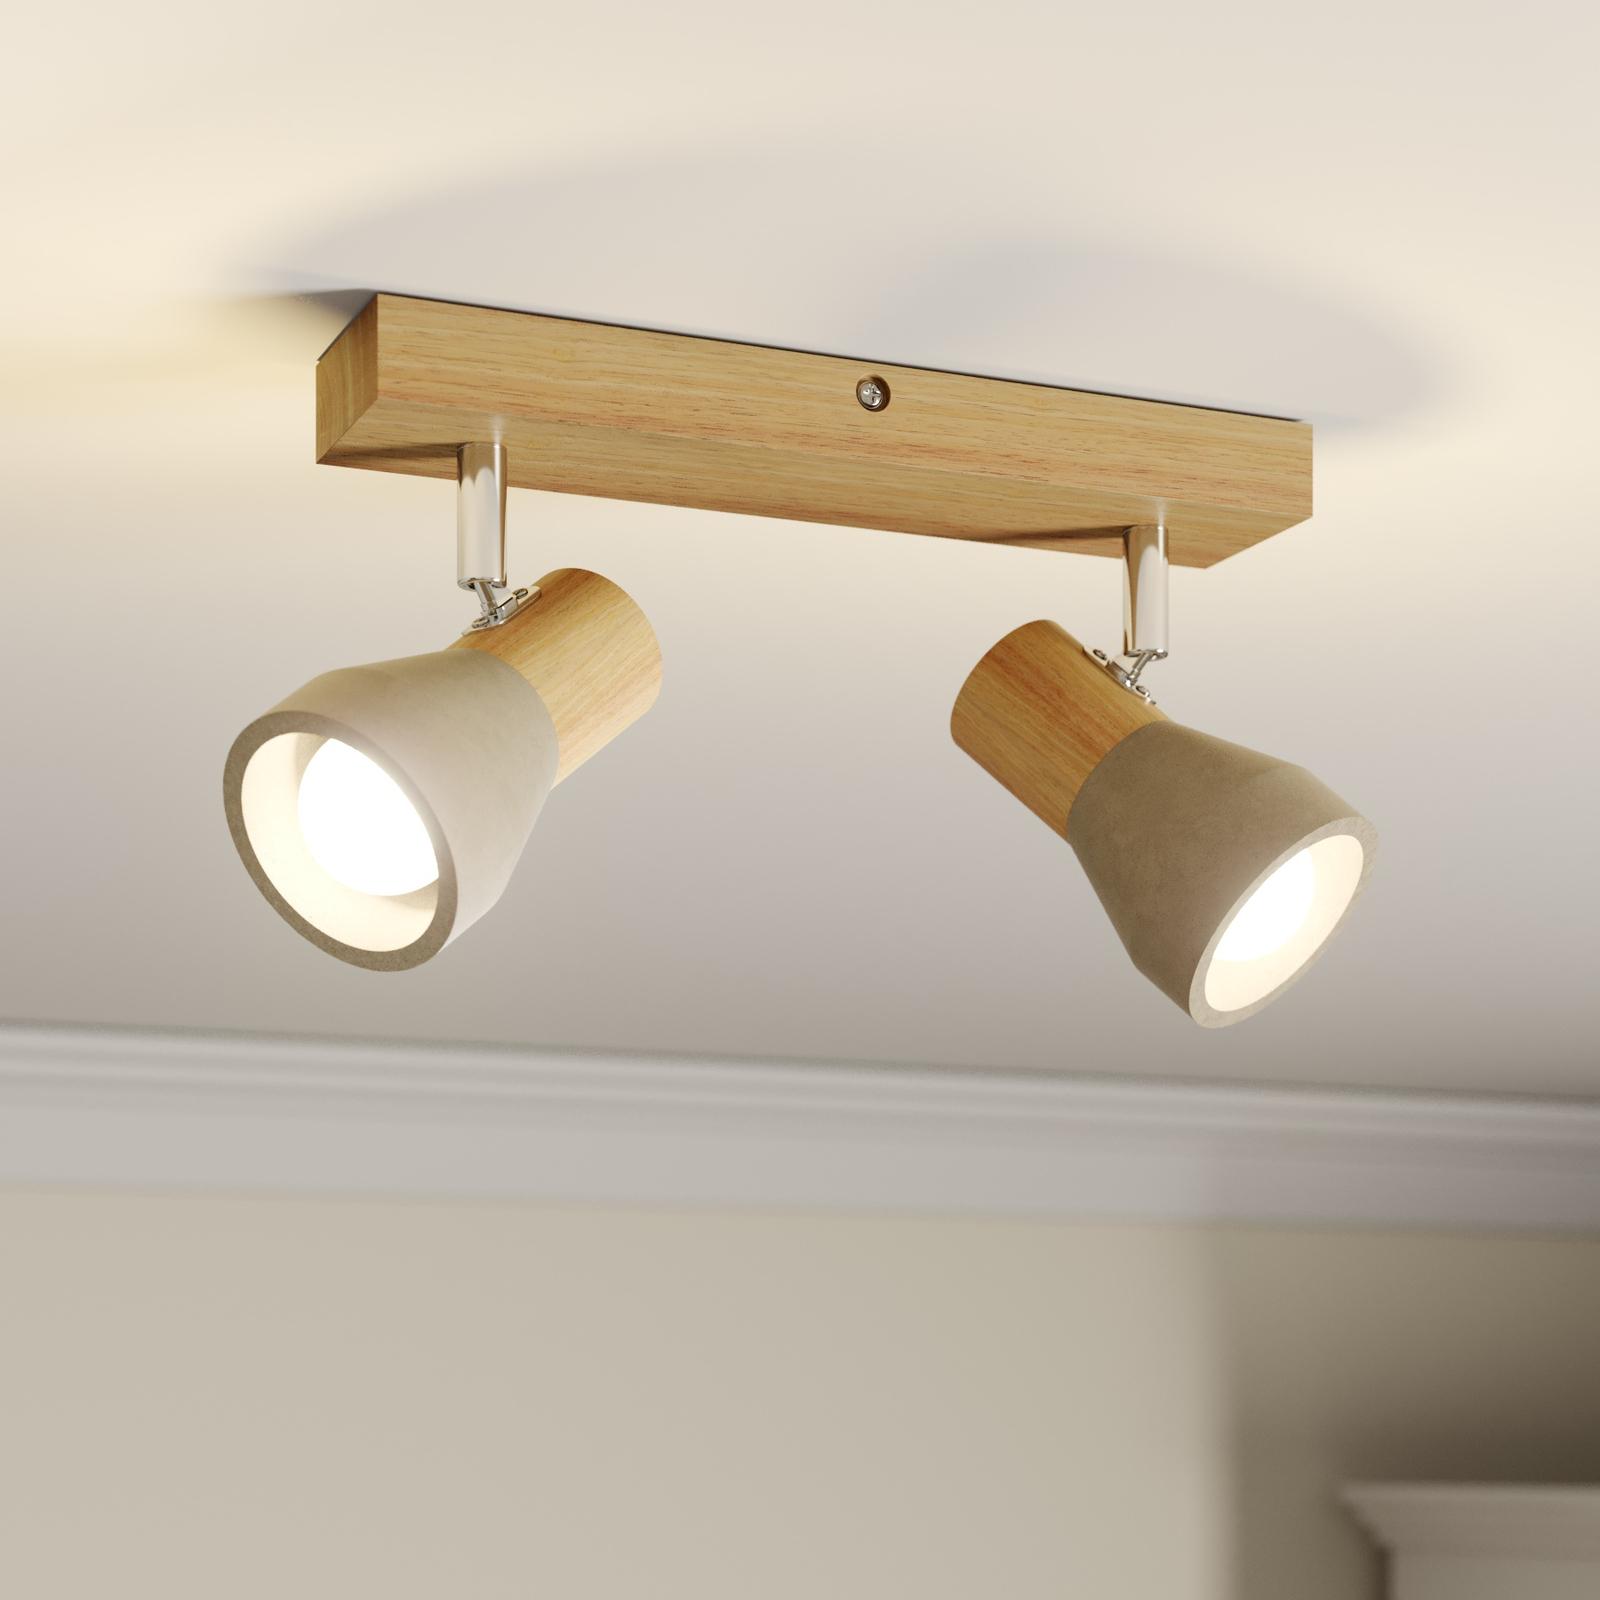 Plafoniera Filiz in legno e cemento, lampadine LED